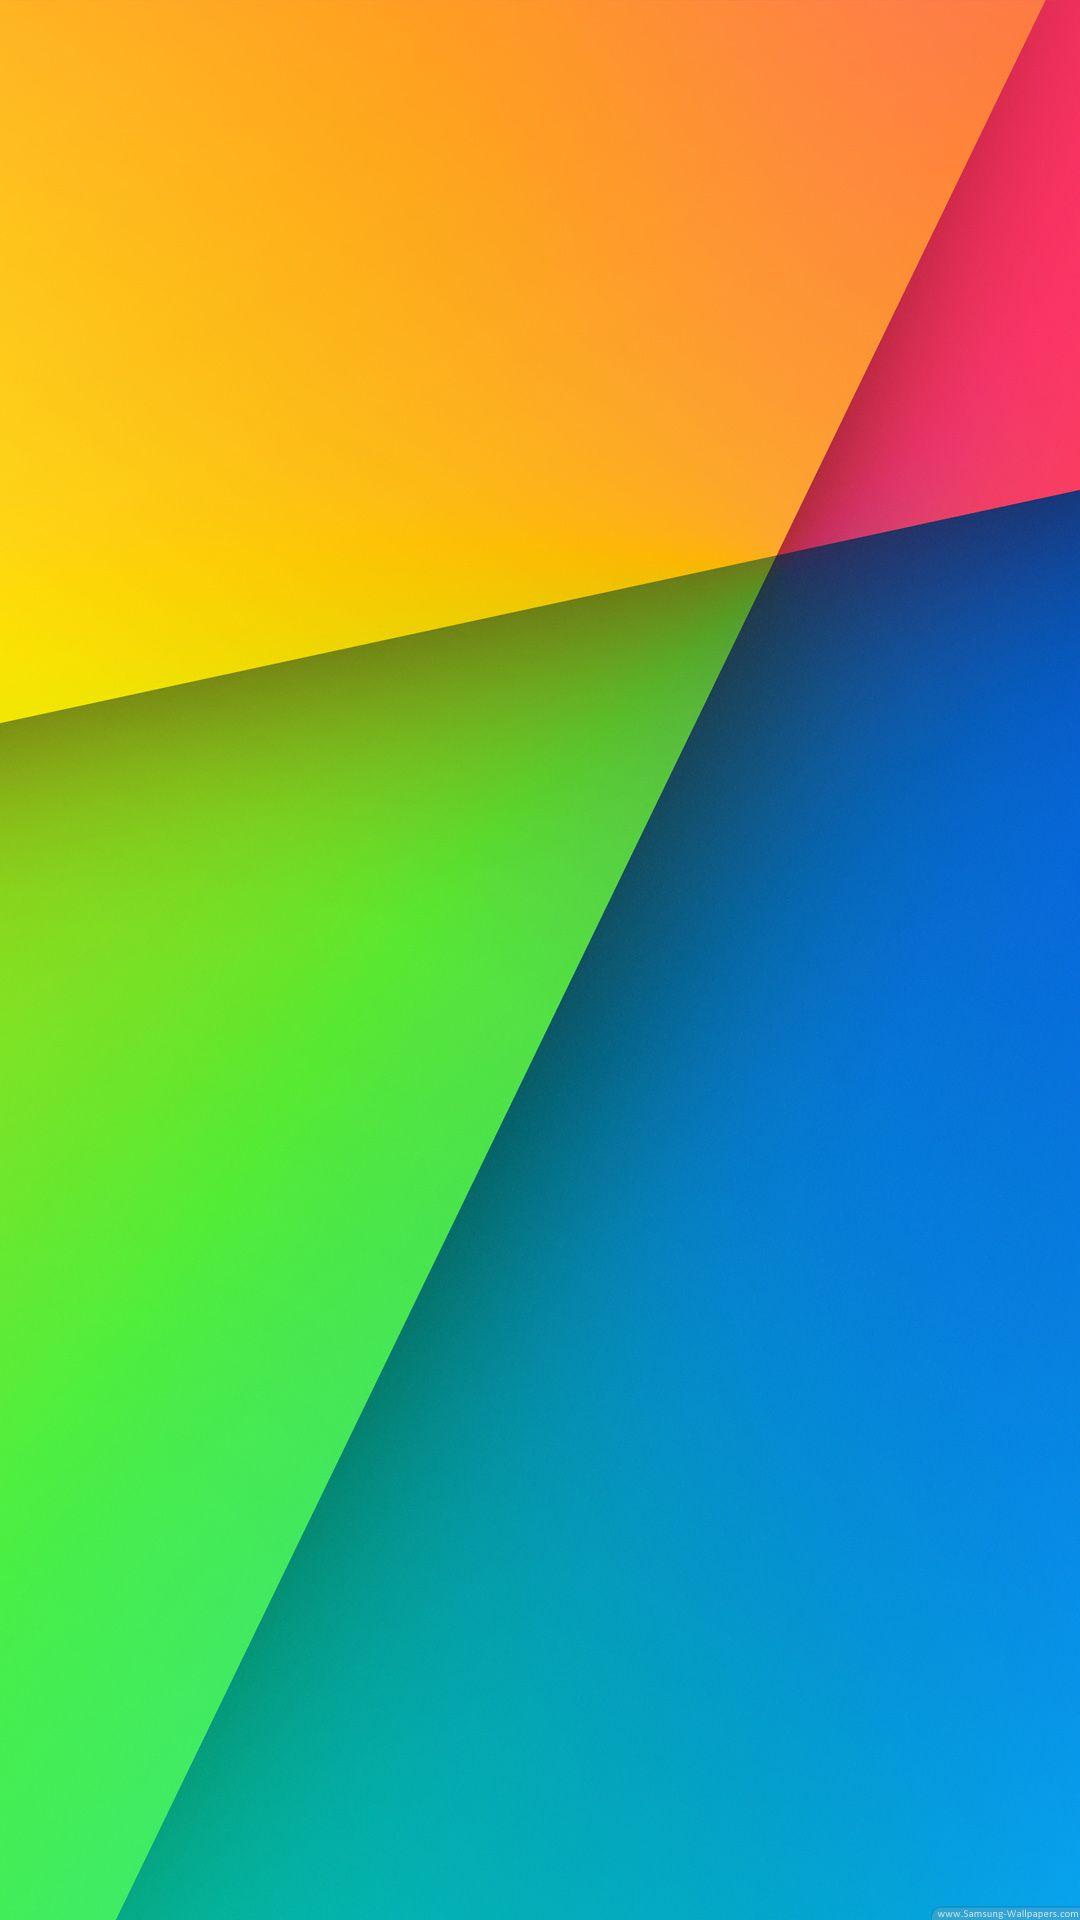 Computer HTC Nexus One Wallpapers Desktop Backgrounds 800x800px Id